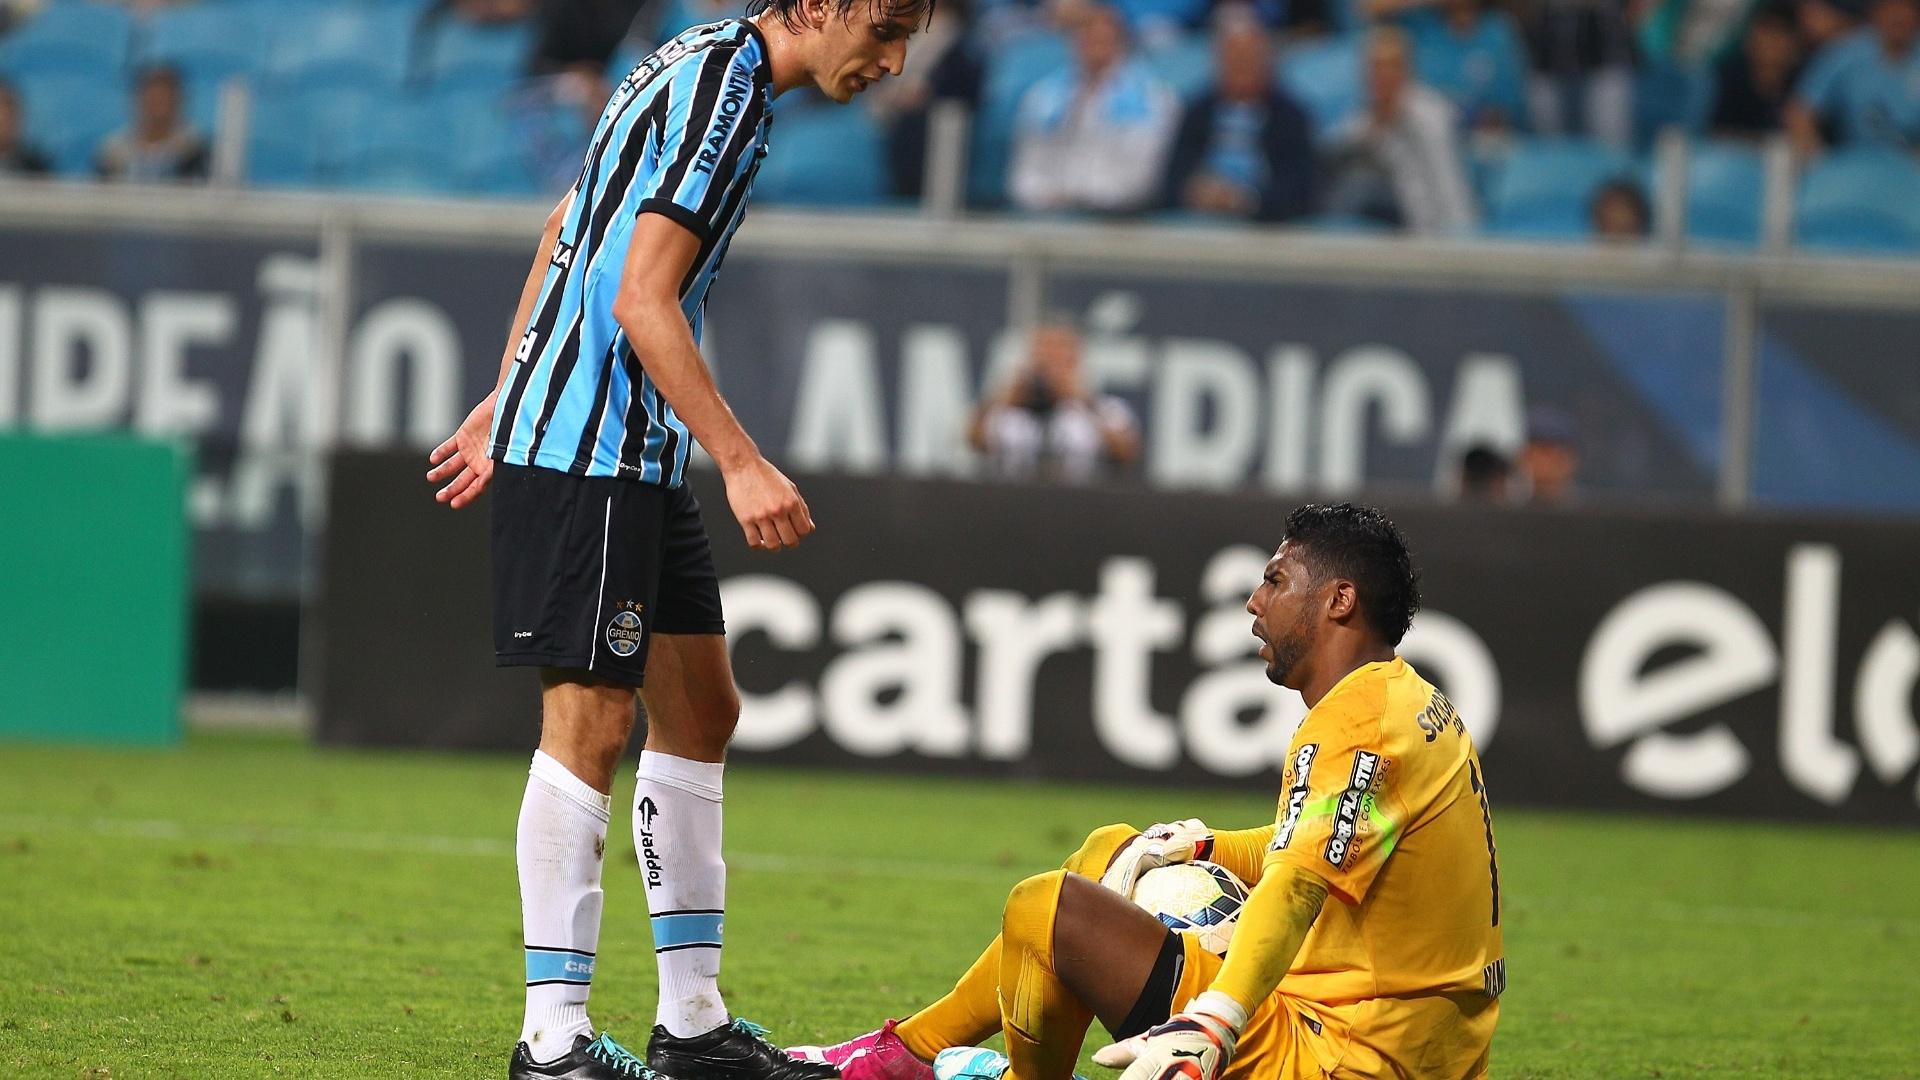 Geromel e Aranha discutem em jogo entre Grêmio e Santos pelo Brasileirão